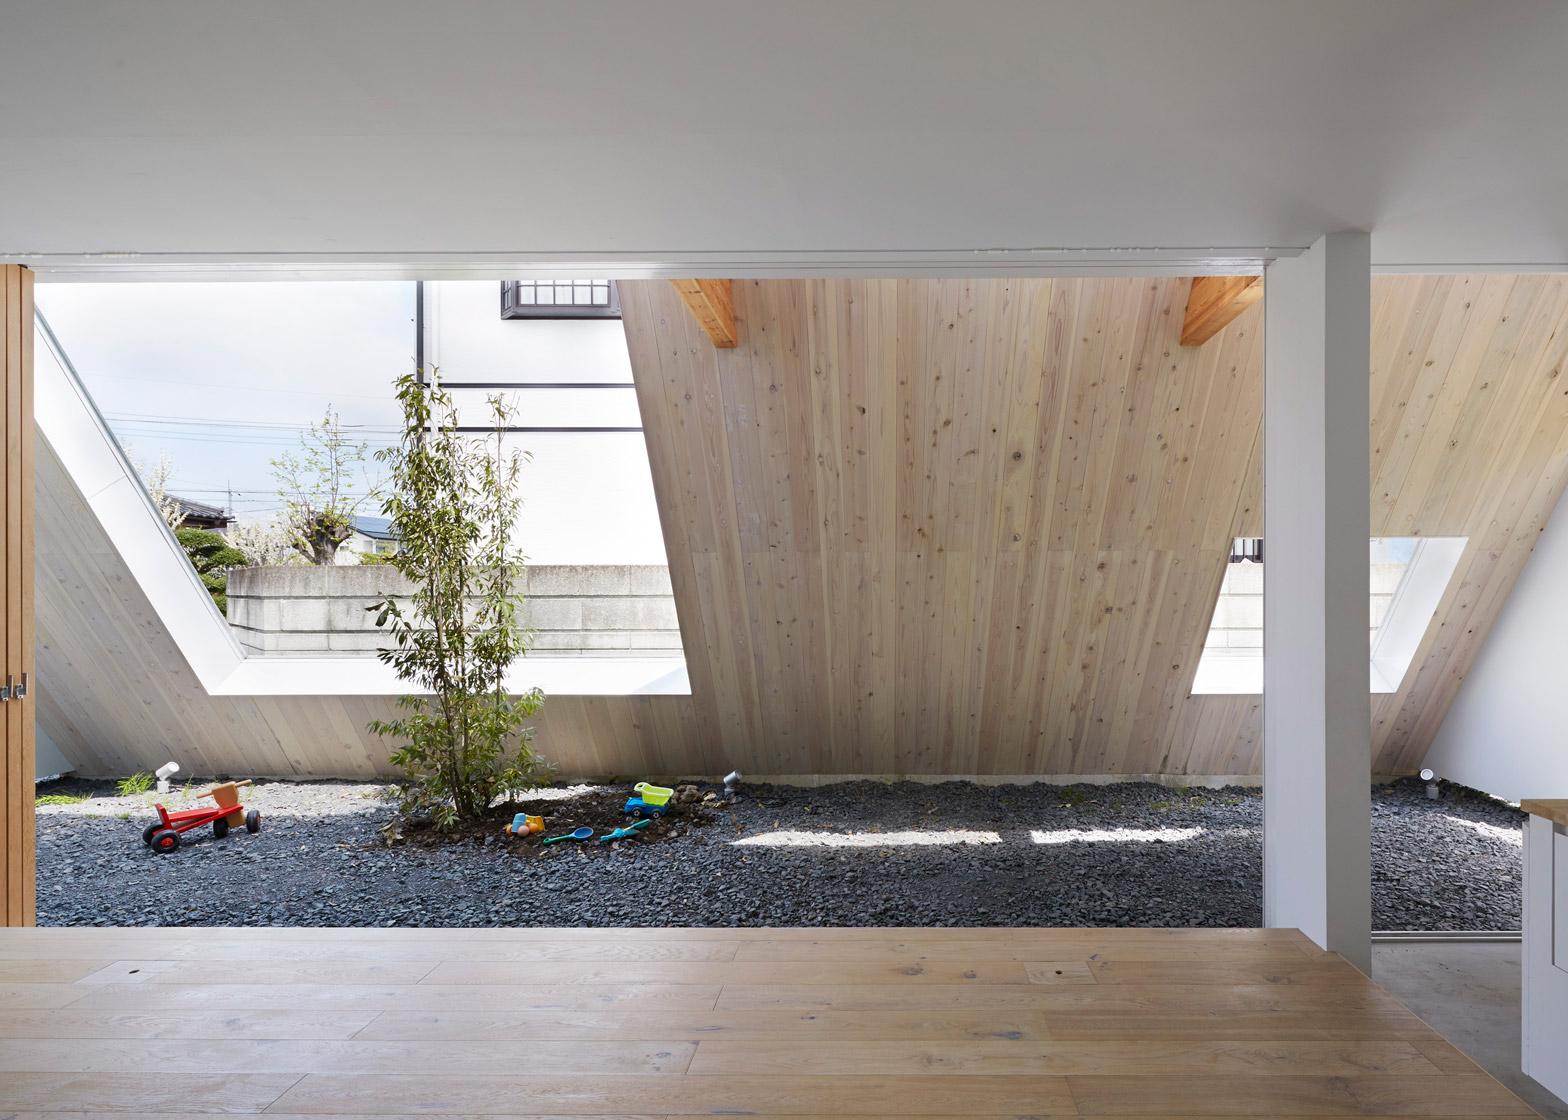 Casa con tetto spiovente in acciaio bianco by suppose for Piani di progettazione della casa 3d 4 camere da letto